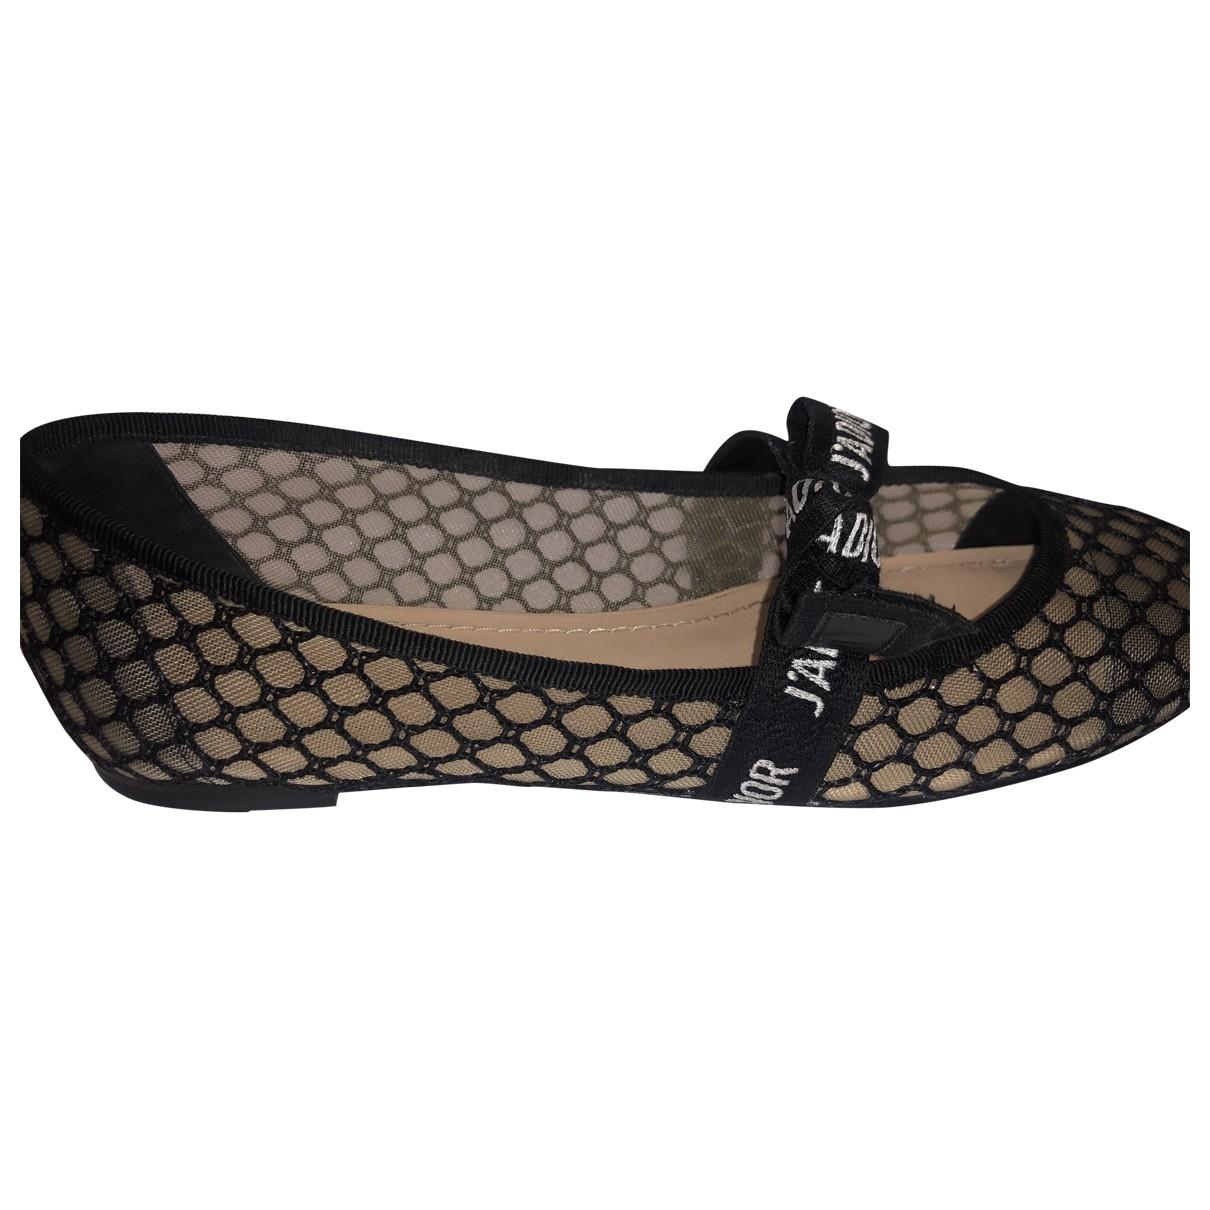 Dior J'adior Black Cloth Ballet flats for Women 37.5 EU